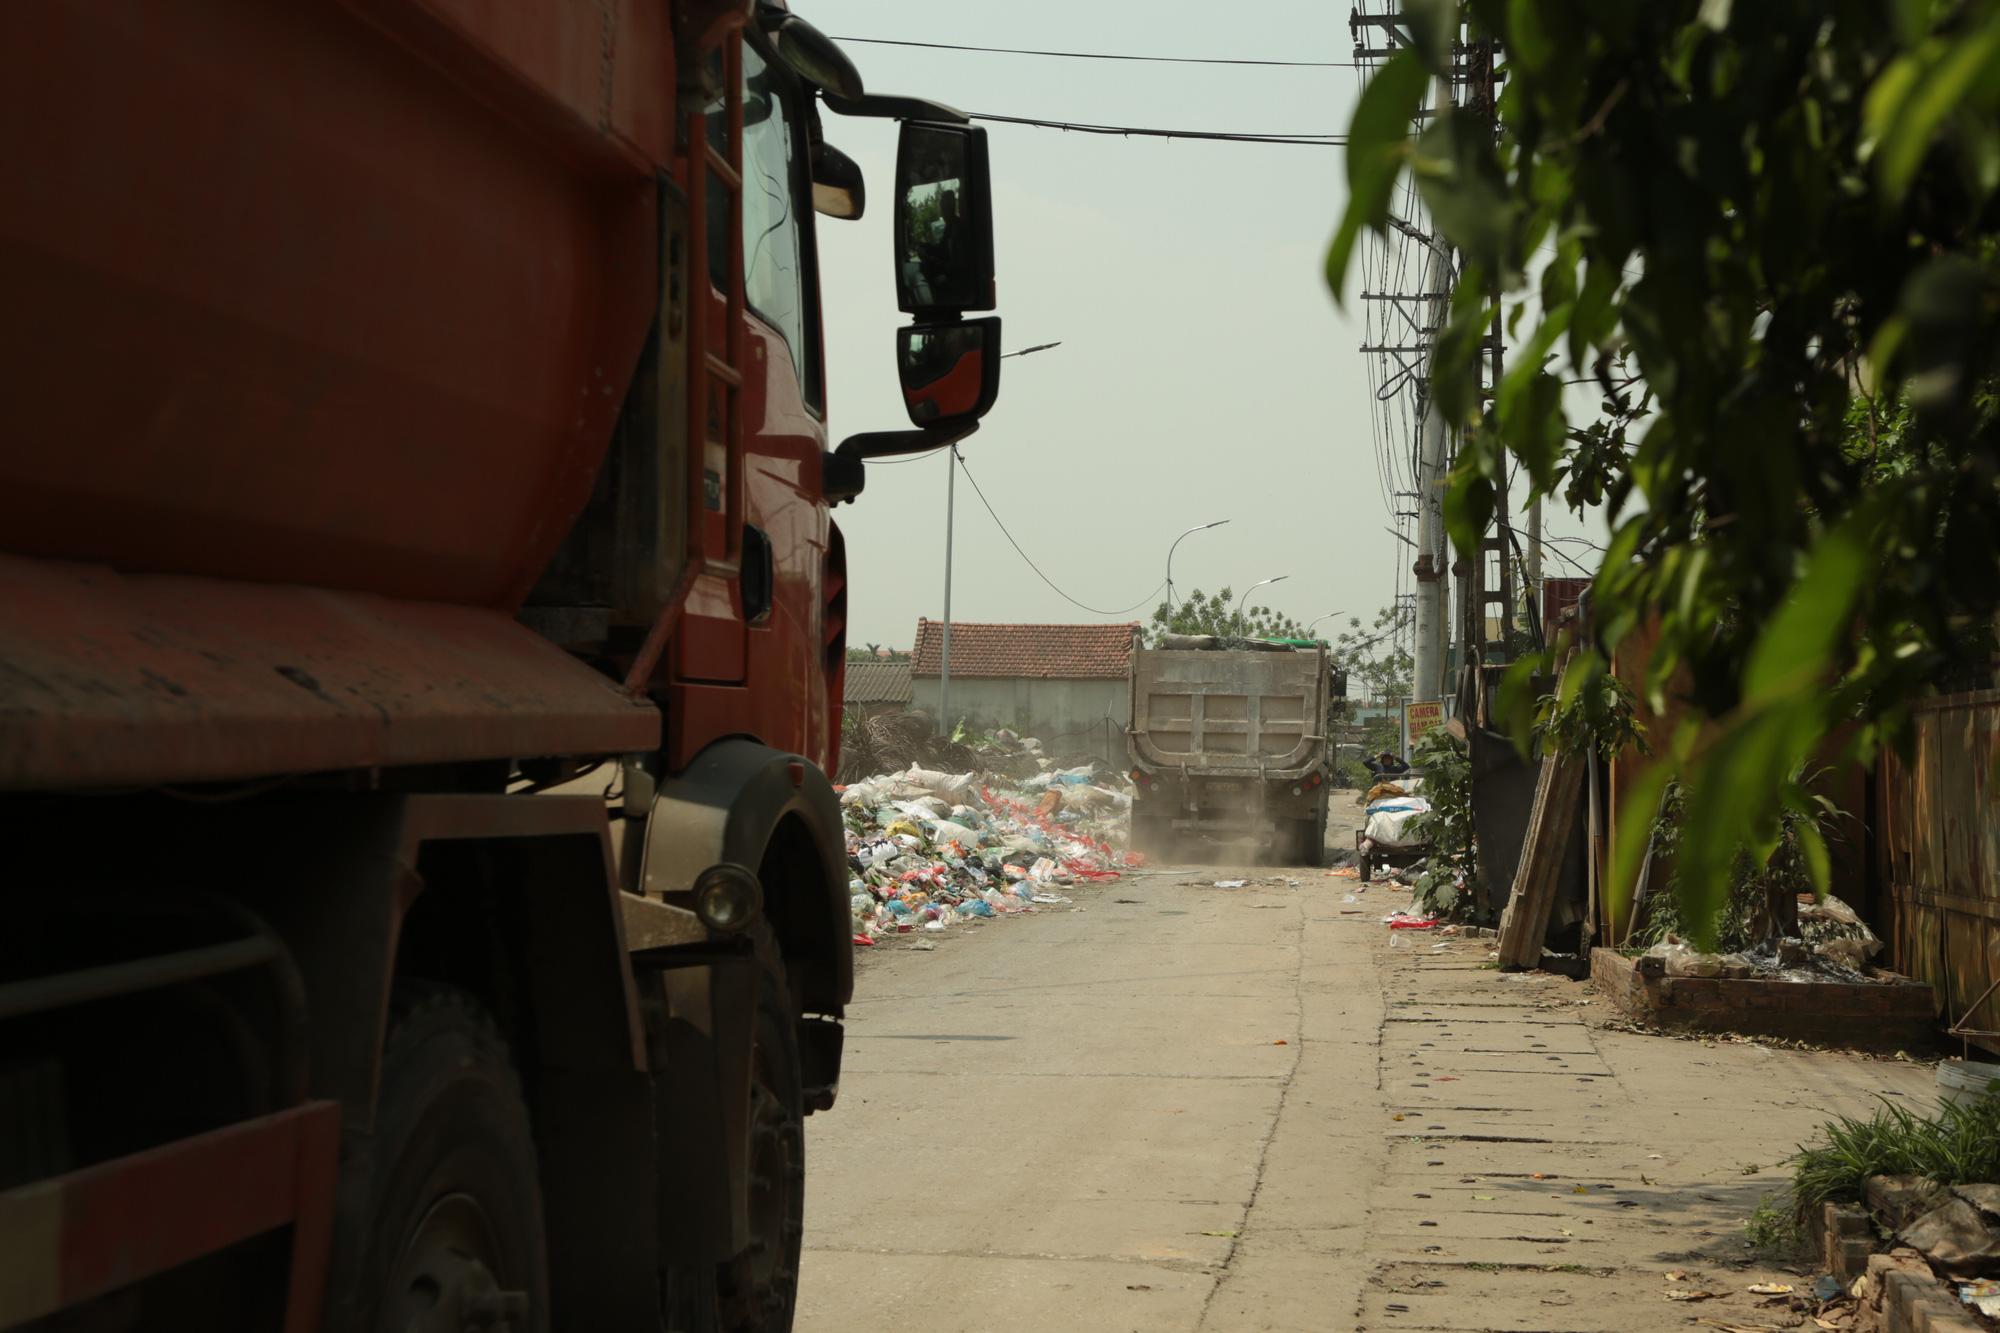 Cận cảnh tình trạng ô nhiễm khủng khiếp tại Hoài Đức, Hà Nội - Ảnh 5.